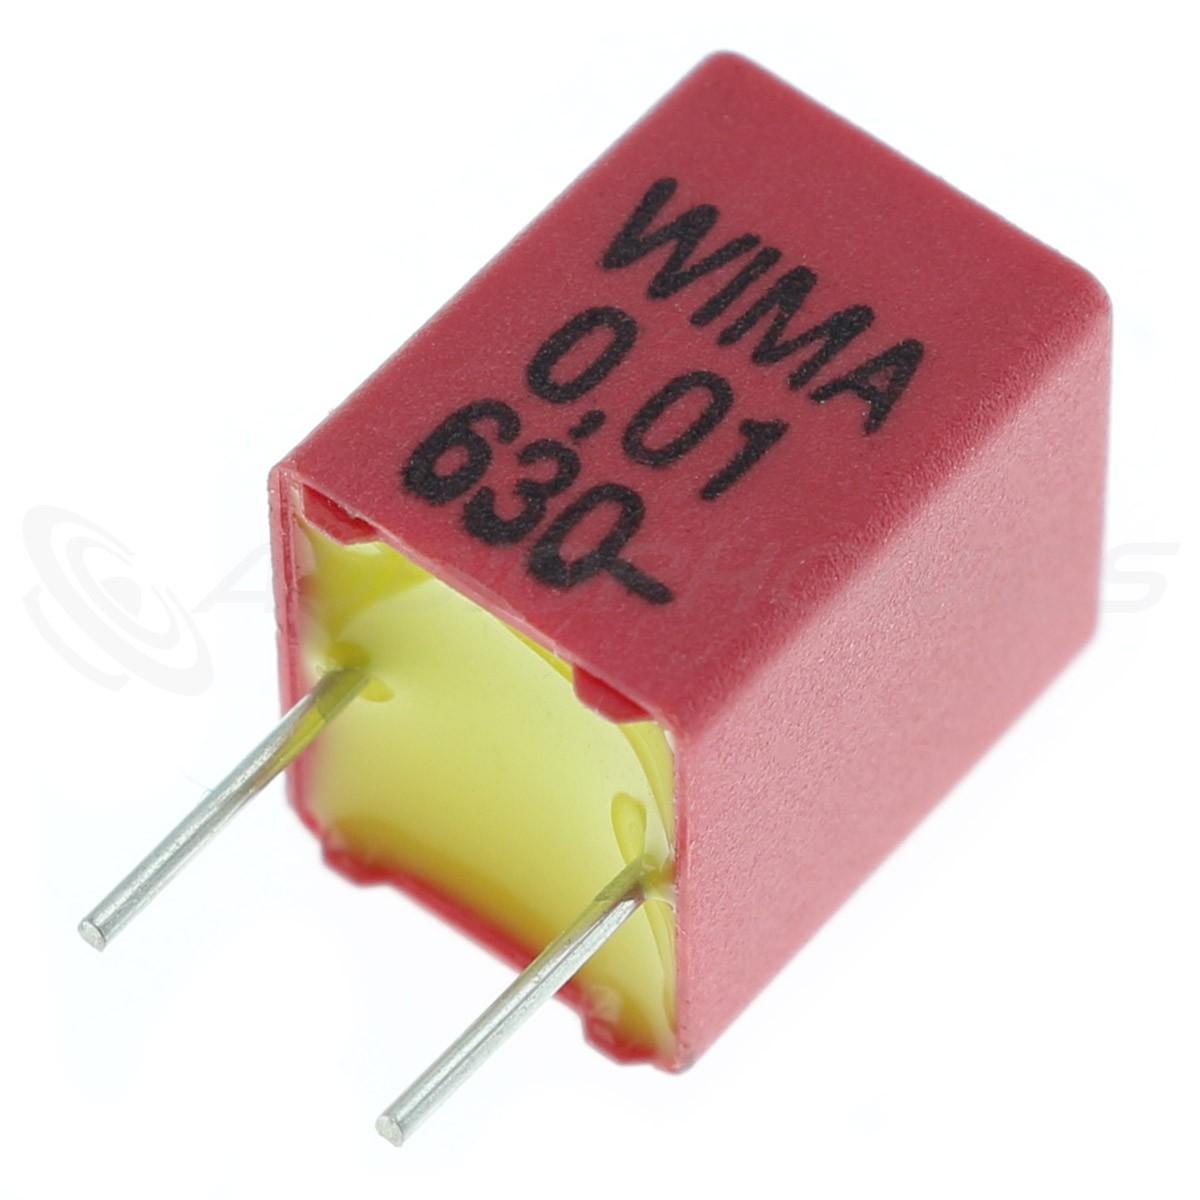 WIMA FKP-2 Condensateur Polypropylène 5mm 1000V 1.5nF